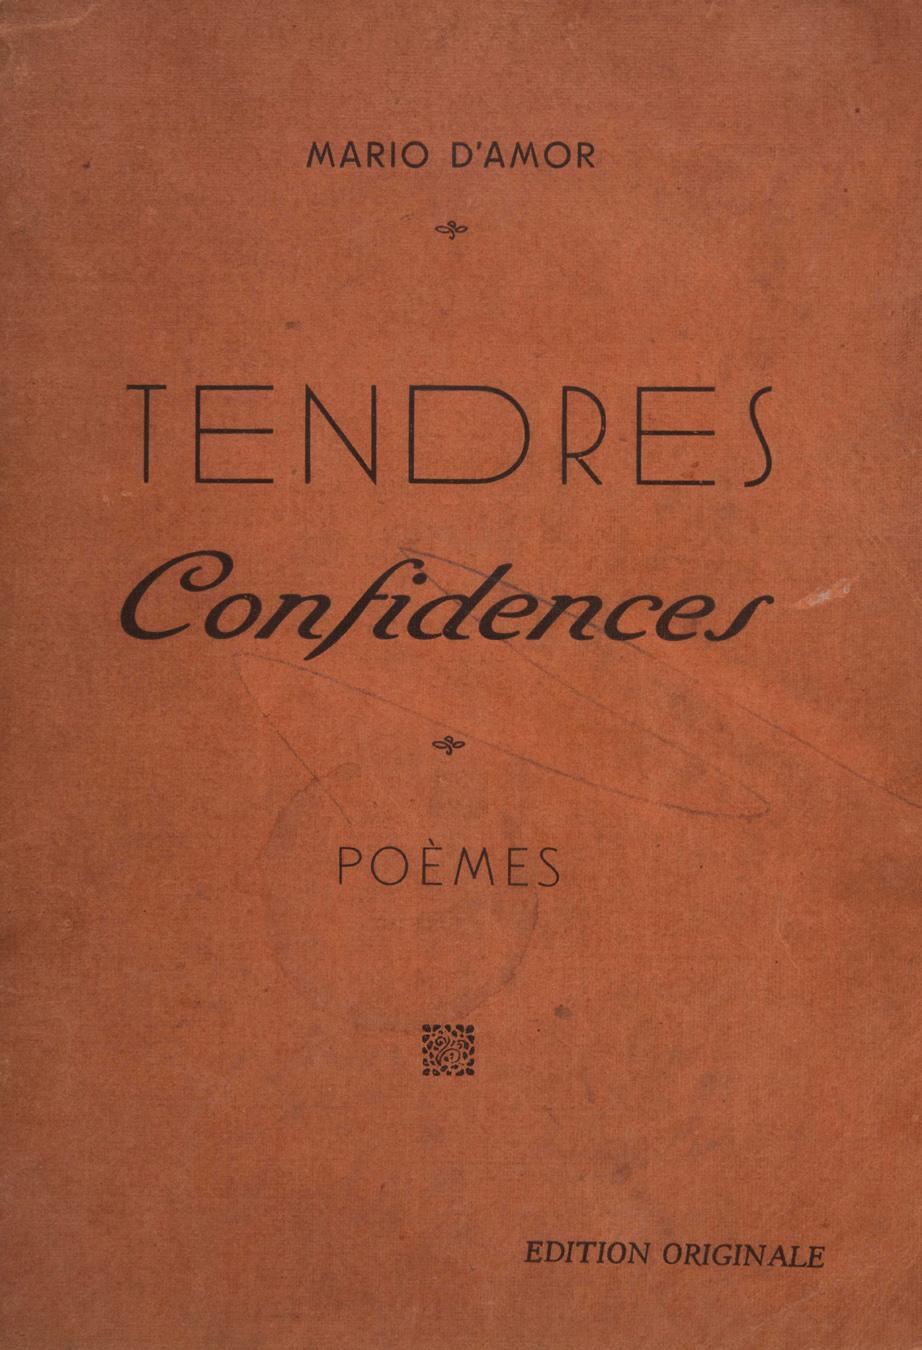 Amor mario d tendres confidences marseille soci t du petit marseilla - 5 rue vincent courdouan 13006 marseille ...